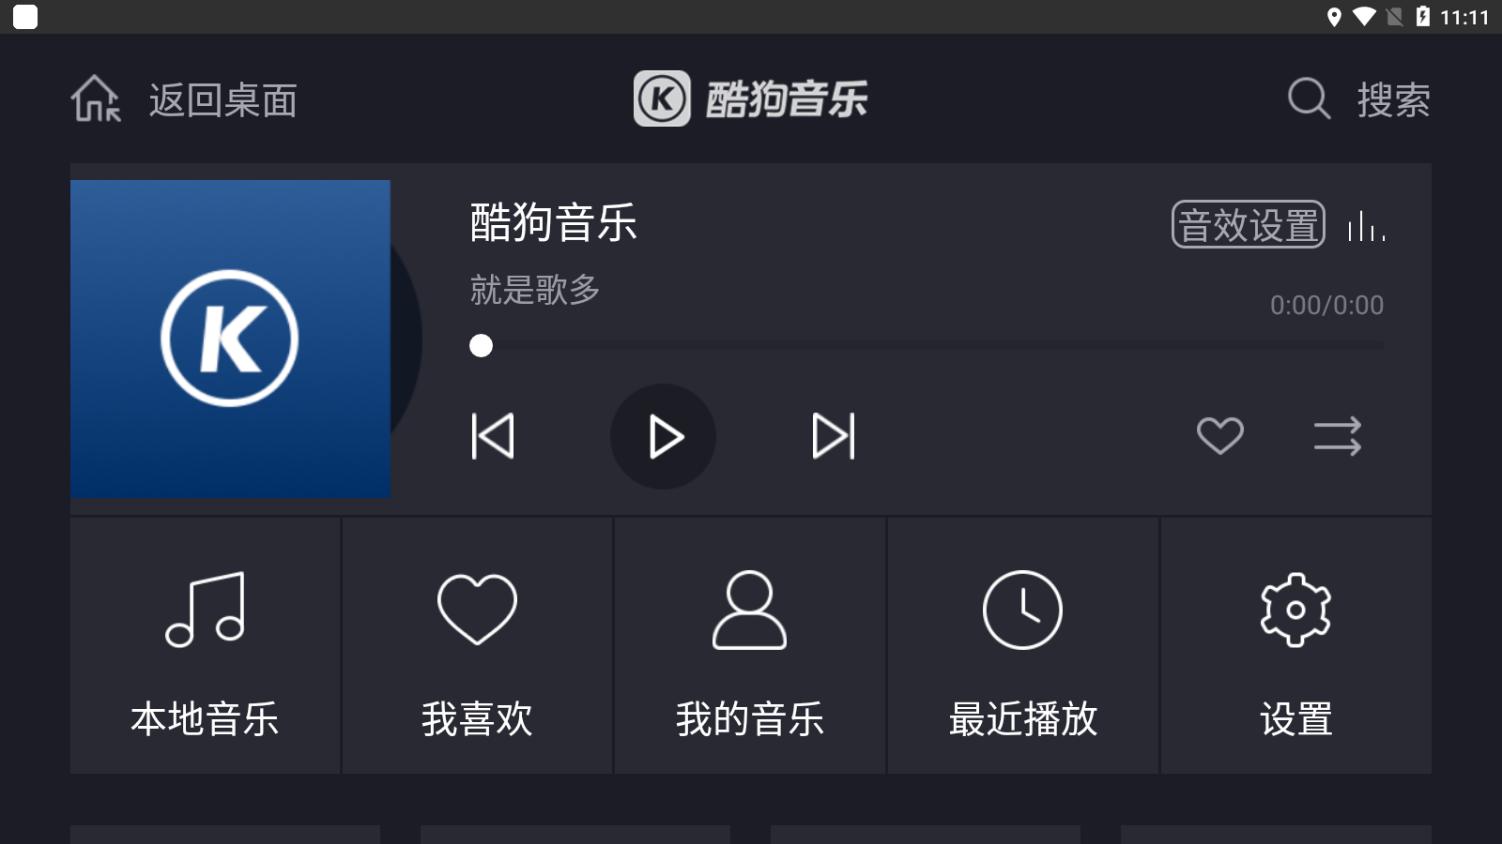 酷狗音乐车载版 V1.1.7 安卓最新版截图2